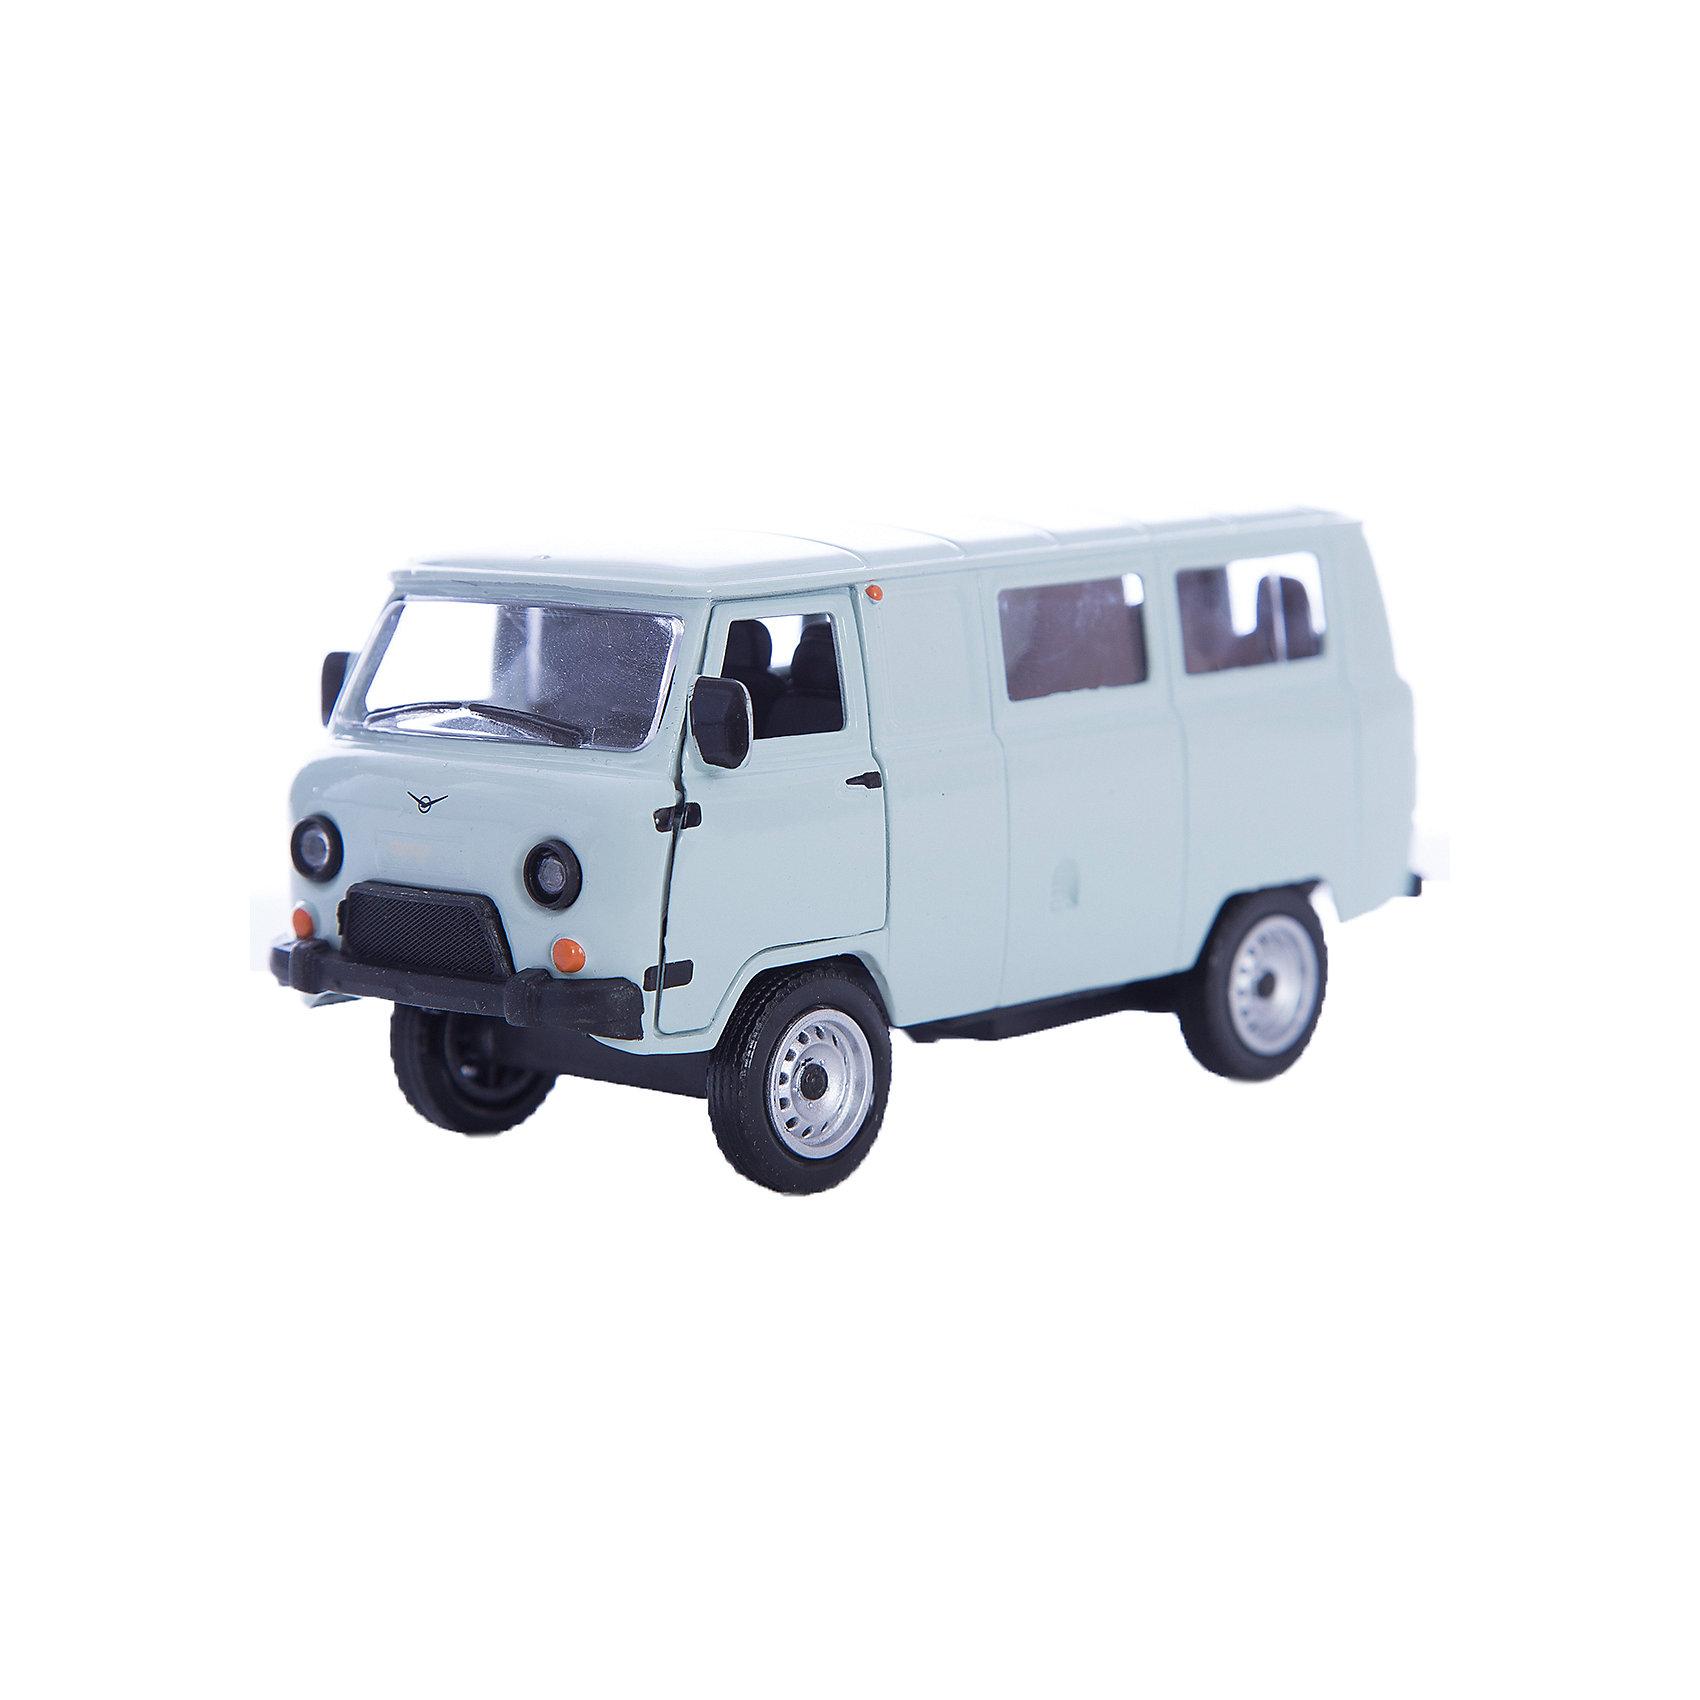 Машинка UAZ 39625 гражданская 1:43, AutotimeМашинки<br>Машинка UAZ 39625 гражданская 1:43, Autotime (Автотайм).<br><br>Характеристики:<br><br>• Масштаб 1:43<br>• Материал: металл, пластик<br>• Упаковка: картонная коробка блистерного типа<br>• Размер упаковки: 16,5x5,7x7,2 см.<br><br>Машинка UAZ 39625 гражданская от Autotime (Автотайм) является уменьшенной копией настоящего автомобиля. UAZ 39625 широко известный как «Буханка» или «Таблетка» - полноприводный грузопассажирский автомобиль повышенной проходимости. Выпускается с 1965 года и по настоящее время. Машинка отличается высокой степенью детализации. Корпус машинки металлический с пластиковыми элементами. Передние двери открываются, что позволяет рассмотреть салон изнутри в деталях. Машинка оснащена инерционным механизмом. Машинка UAZ 39625 гражданская станет хорошим подарком и ребенку, и коллекционеру моделей автомобилей.<br><br>Машинку UAZ 39625 гражданскую 1:43, Autotime (Автотайм) можно купить в нашем интернет-магазине.<br><br>Ширина мм: 165<br>Глубина мм: 57<br>Высота мм: 75<br>Вес г: 13<br>Возраст от месяцев: 36<br>Возраст до месяцев: 2147483647<br>Пол: Мужской<br>Возраст: Детский<br>SKU: 5583867